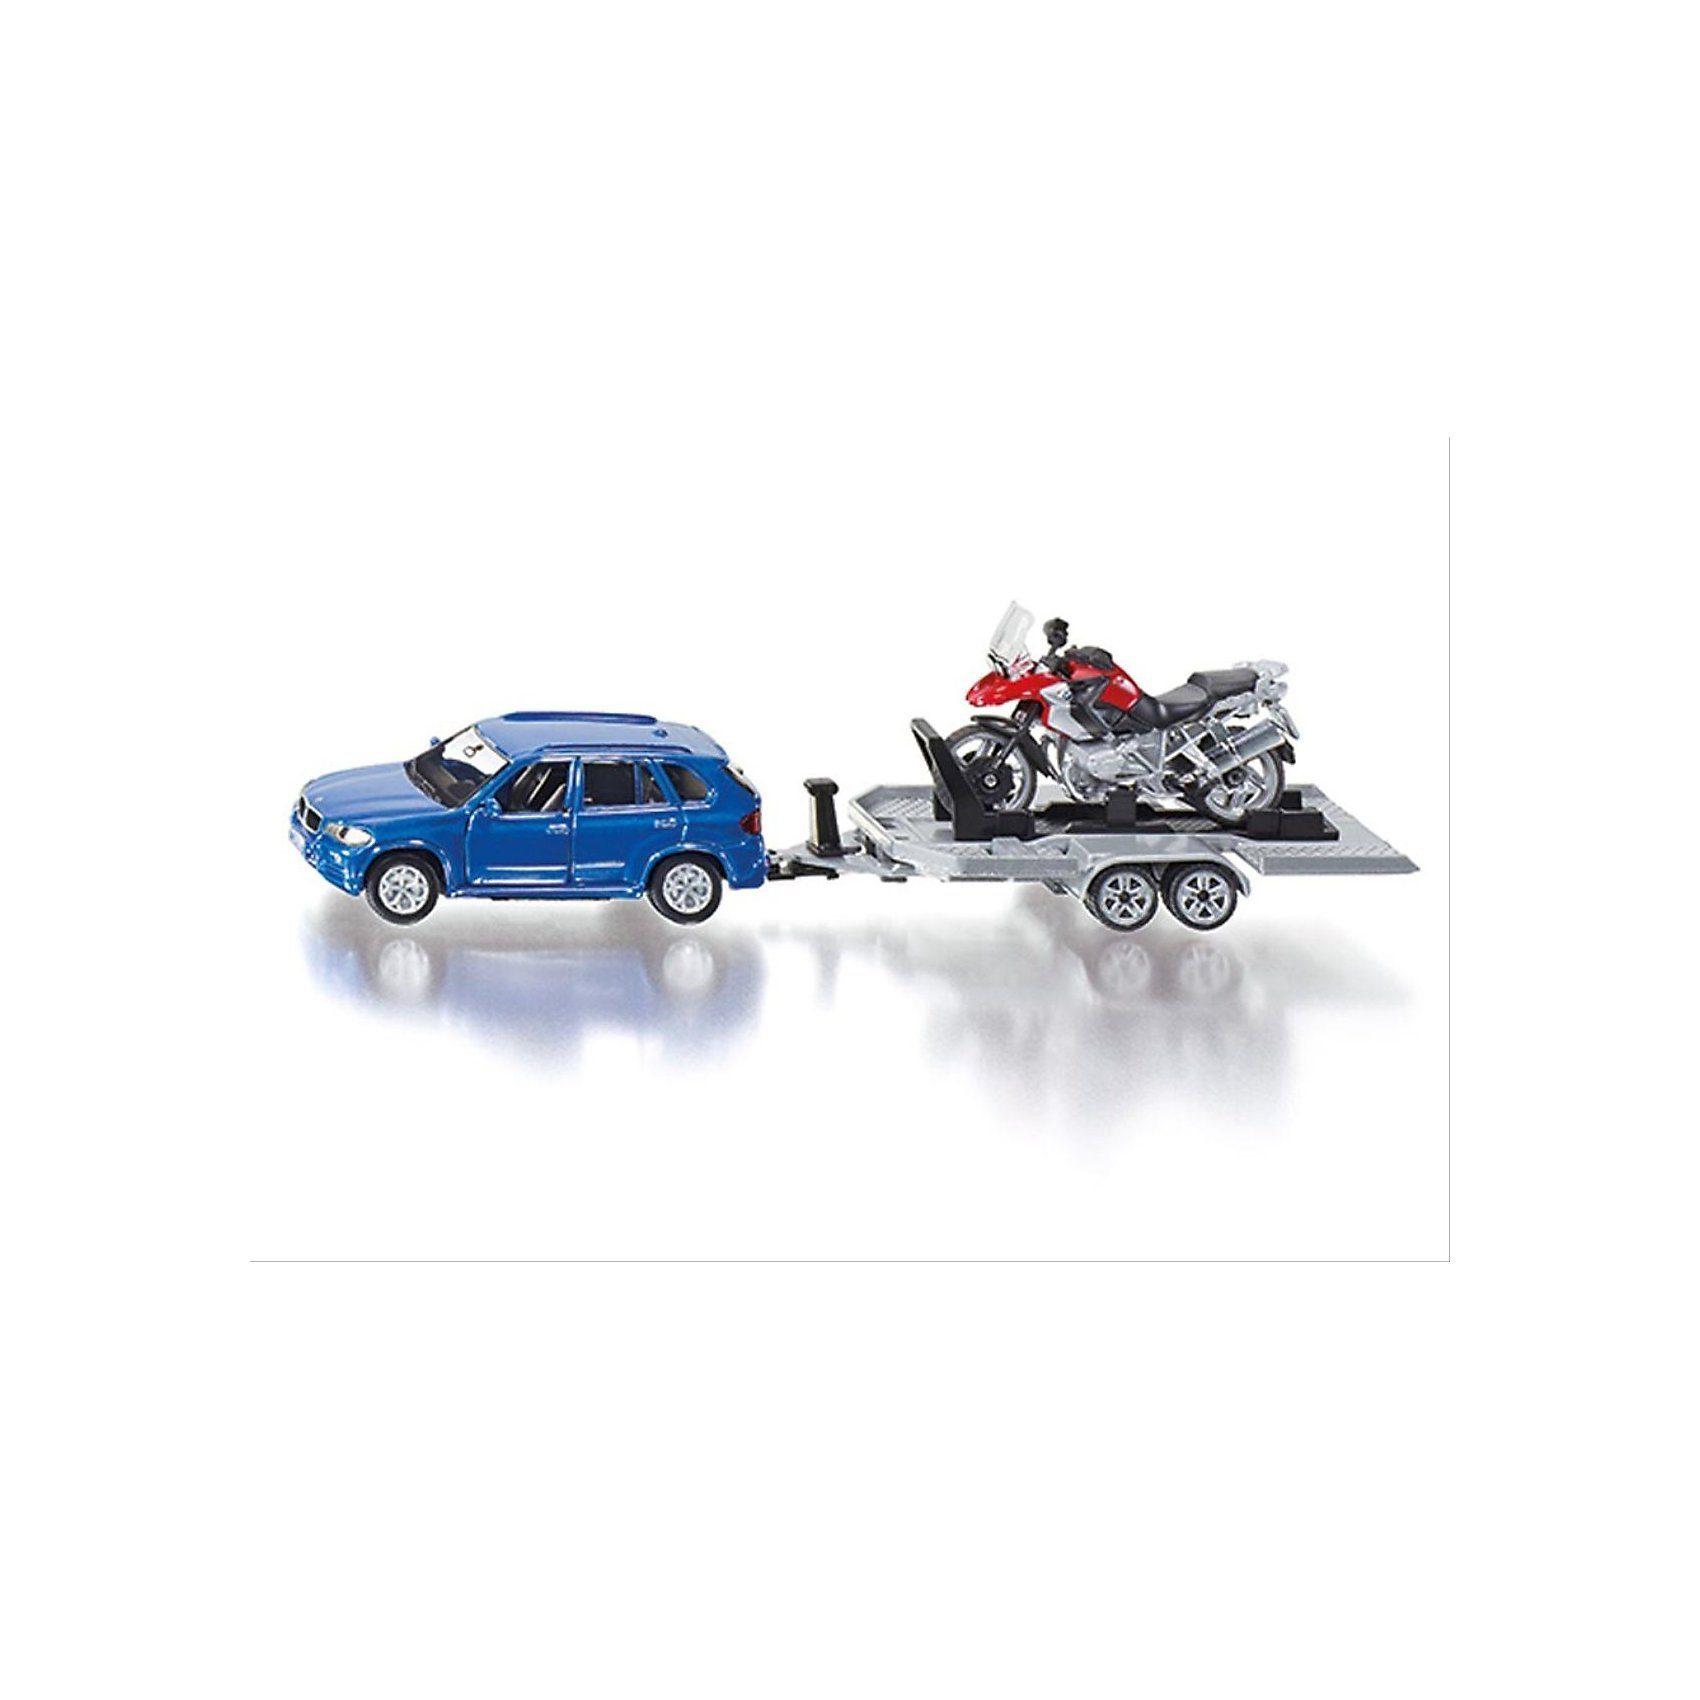 SIKU 2547 PKW mit Anhänger und Motorrad 1:50